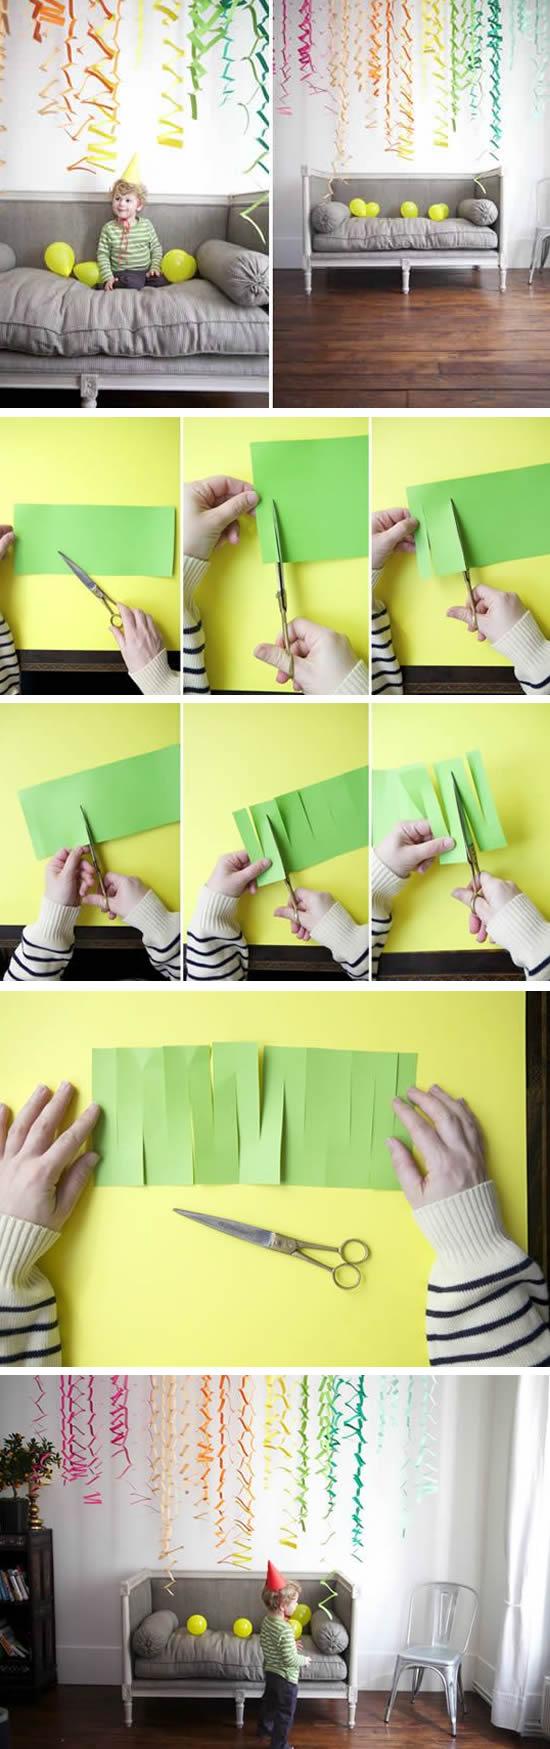 Enfeites de papel para festa com moldes